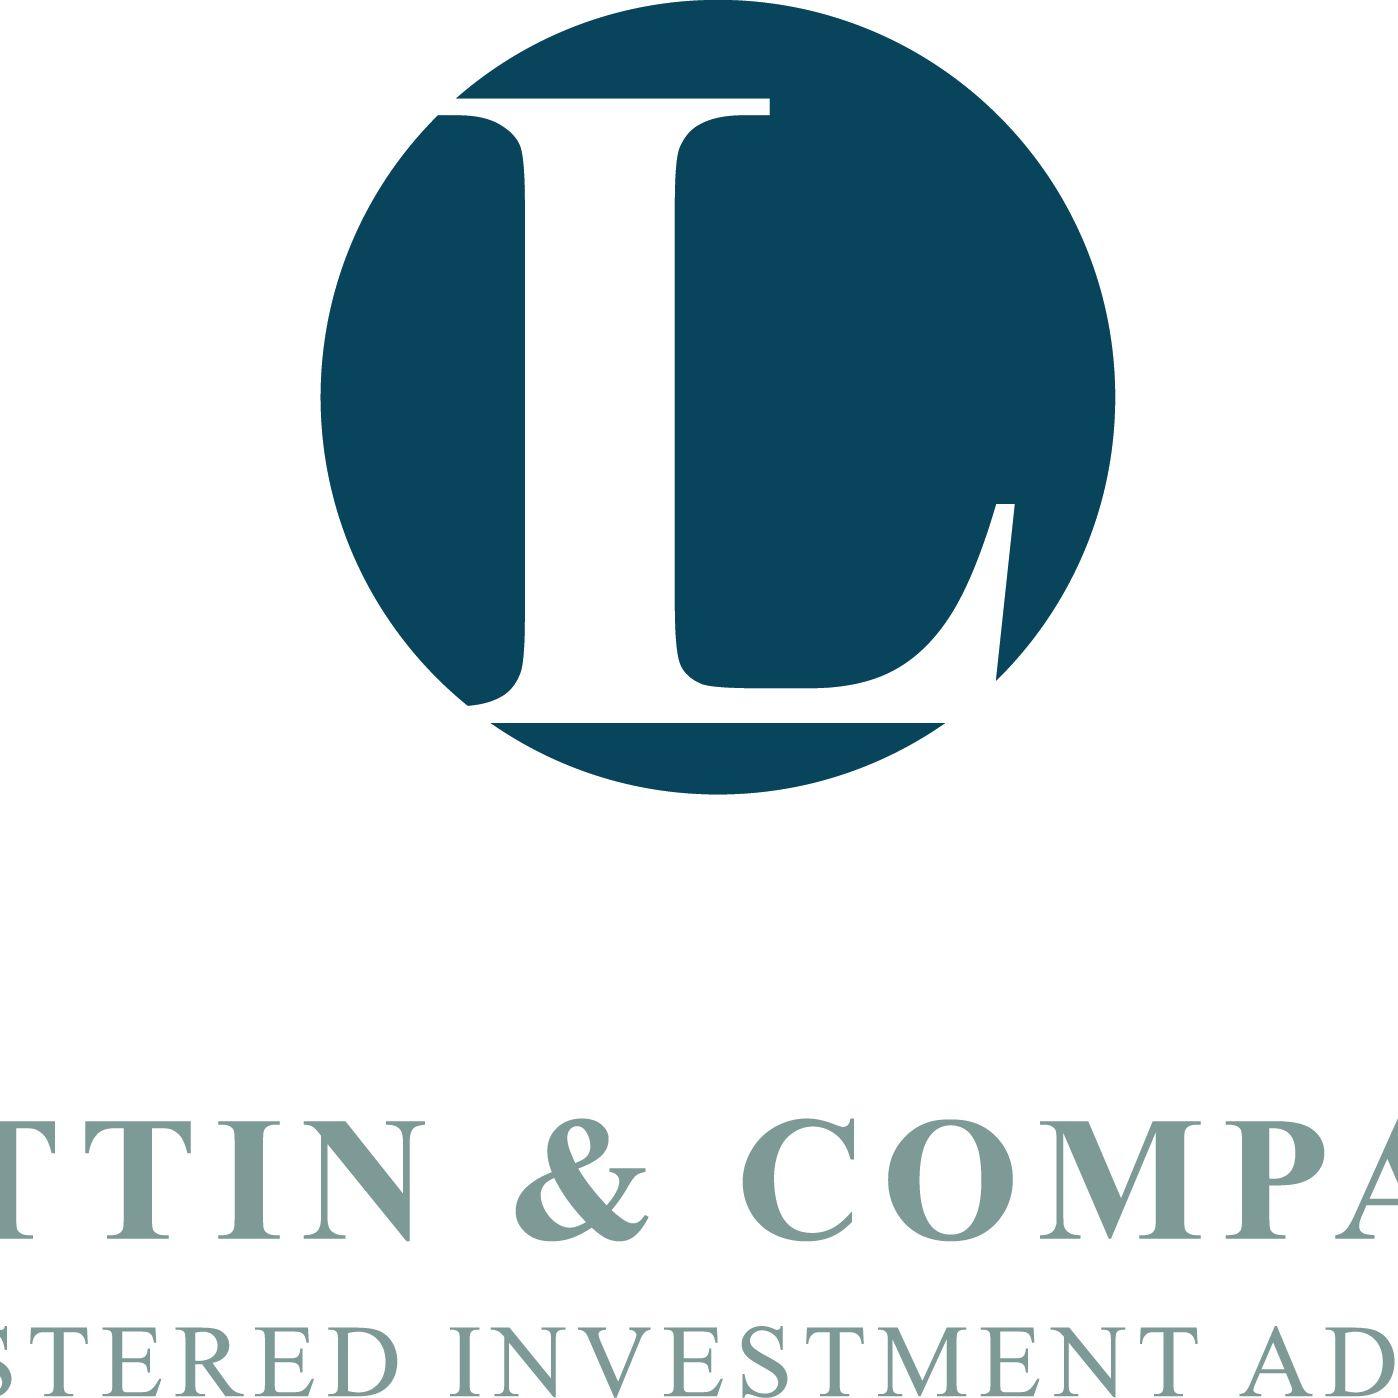 Lettin & Company Inc.